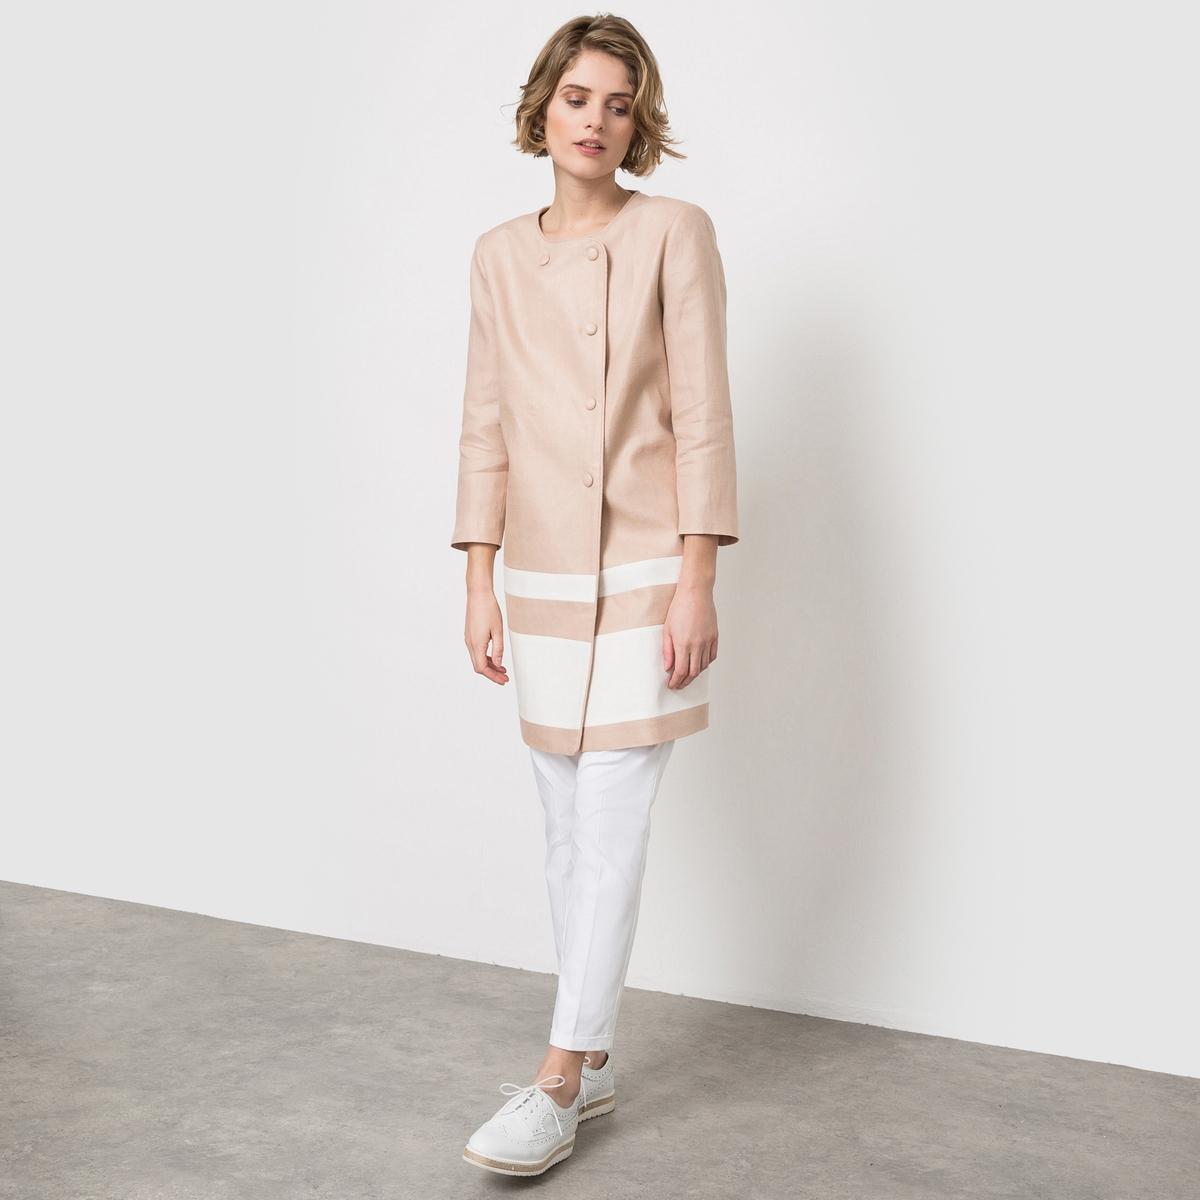 Пальто из льна с круглым вырезом  пуловер с круглым вырезом из хлопка и льна